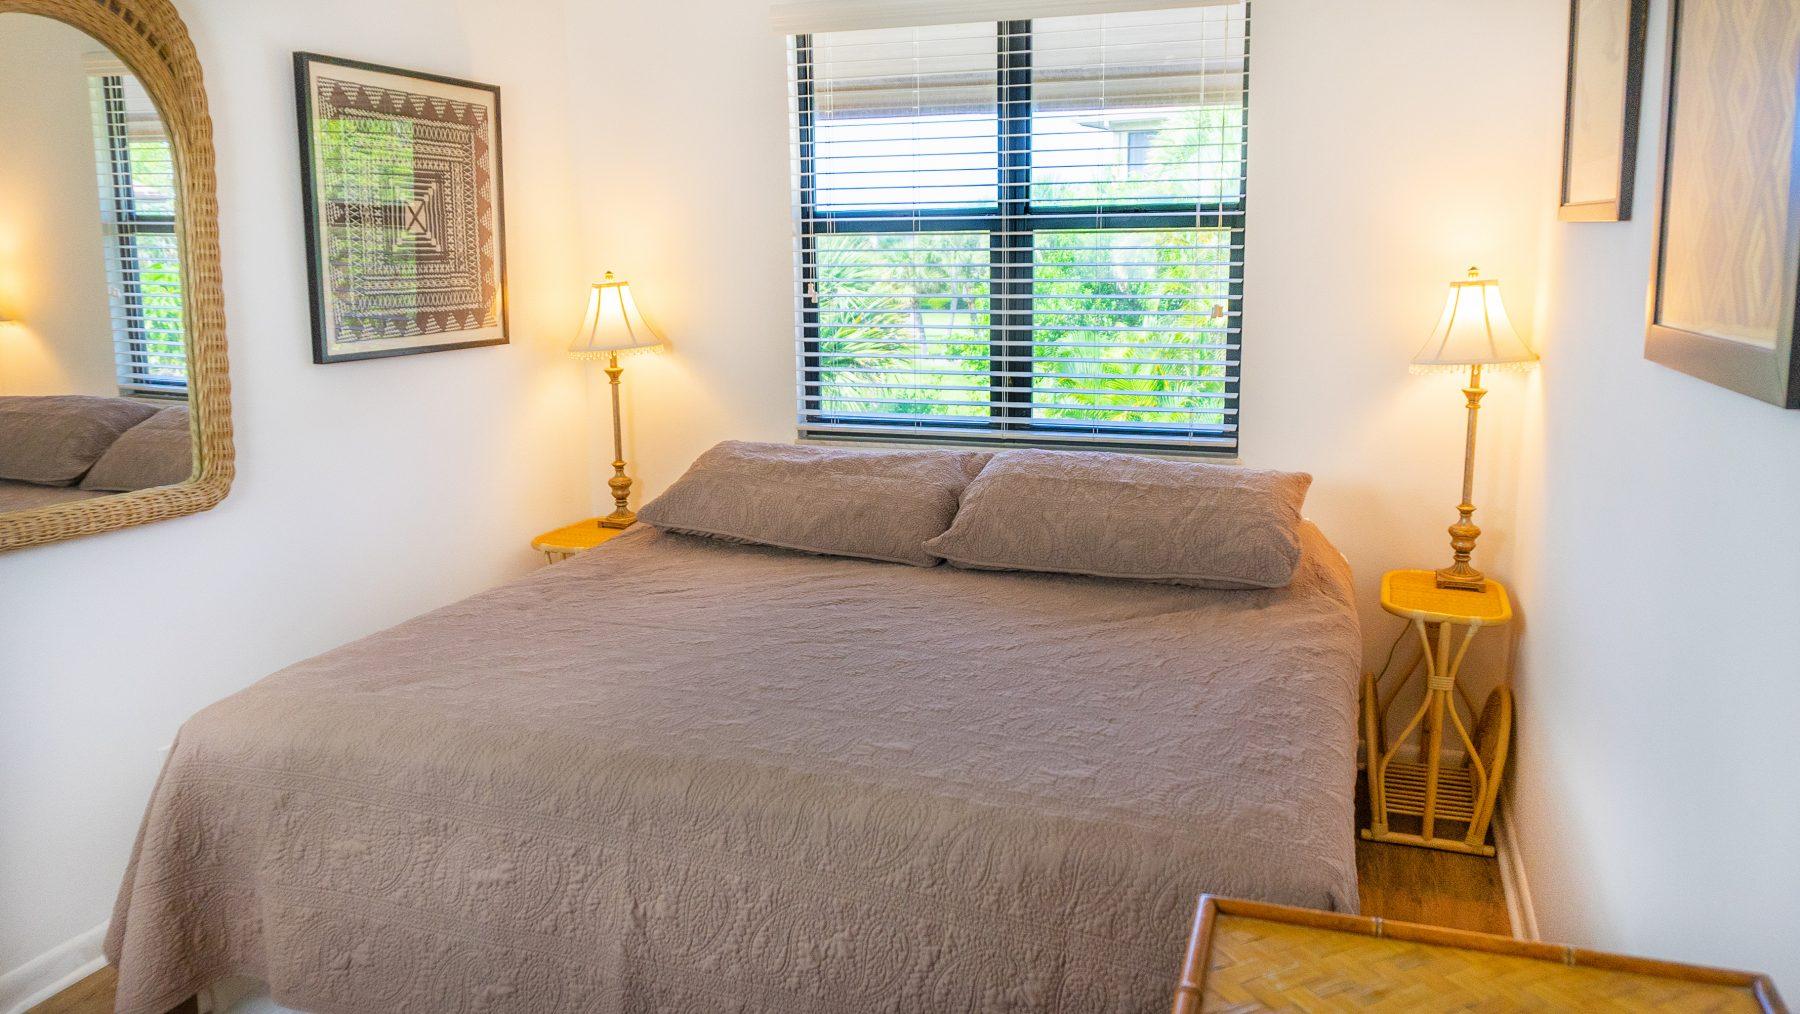 8 - 11 Bedroom